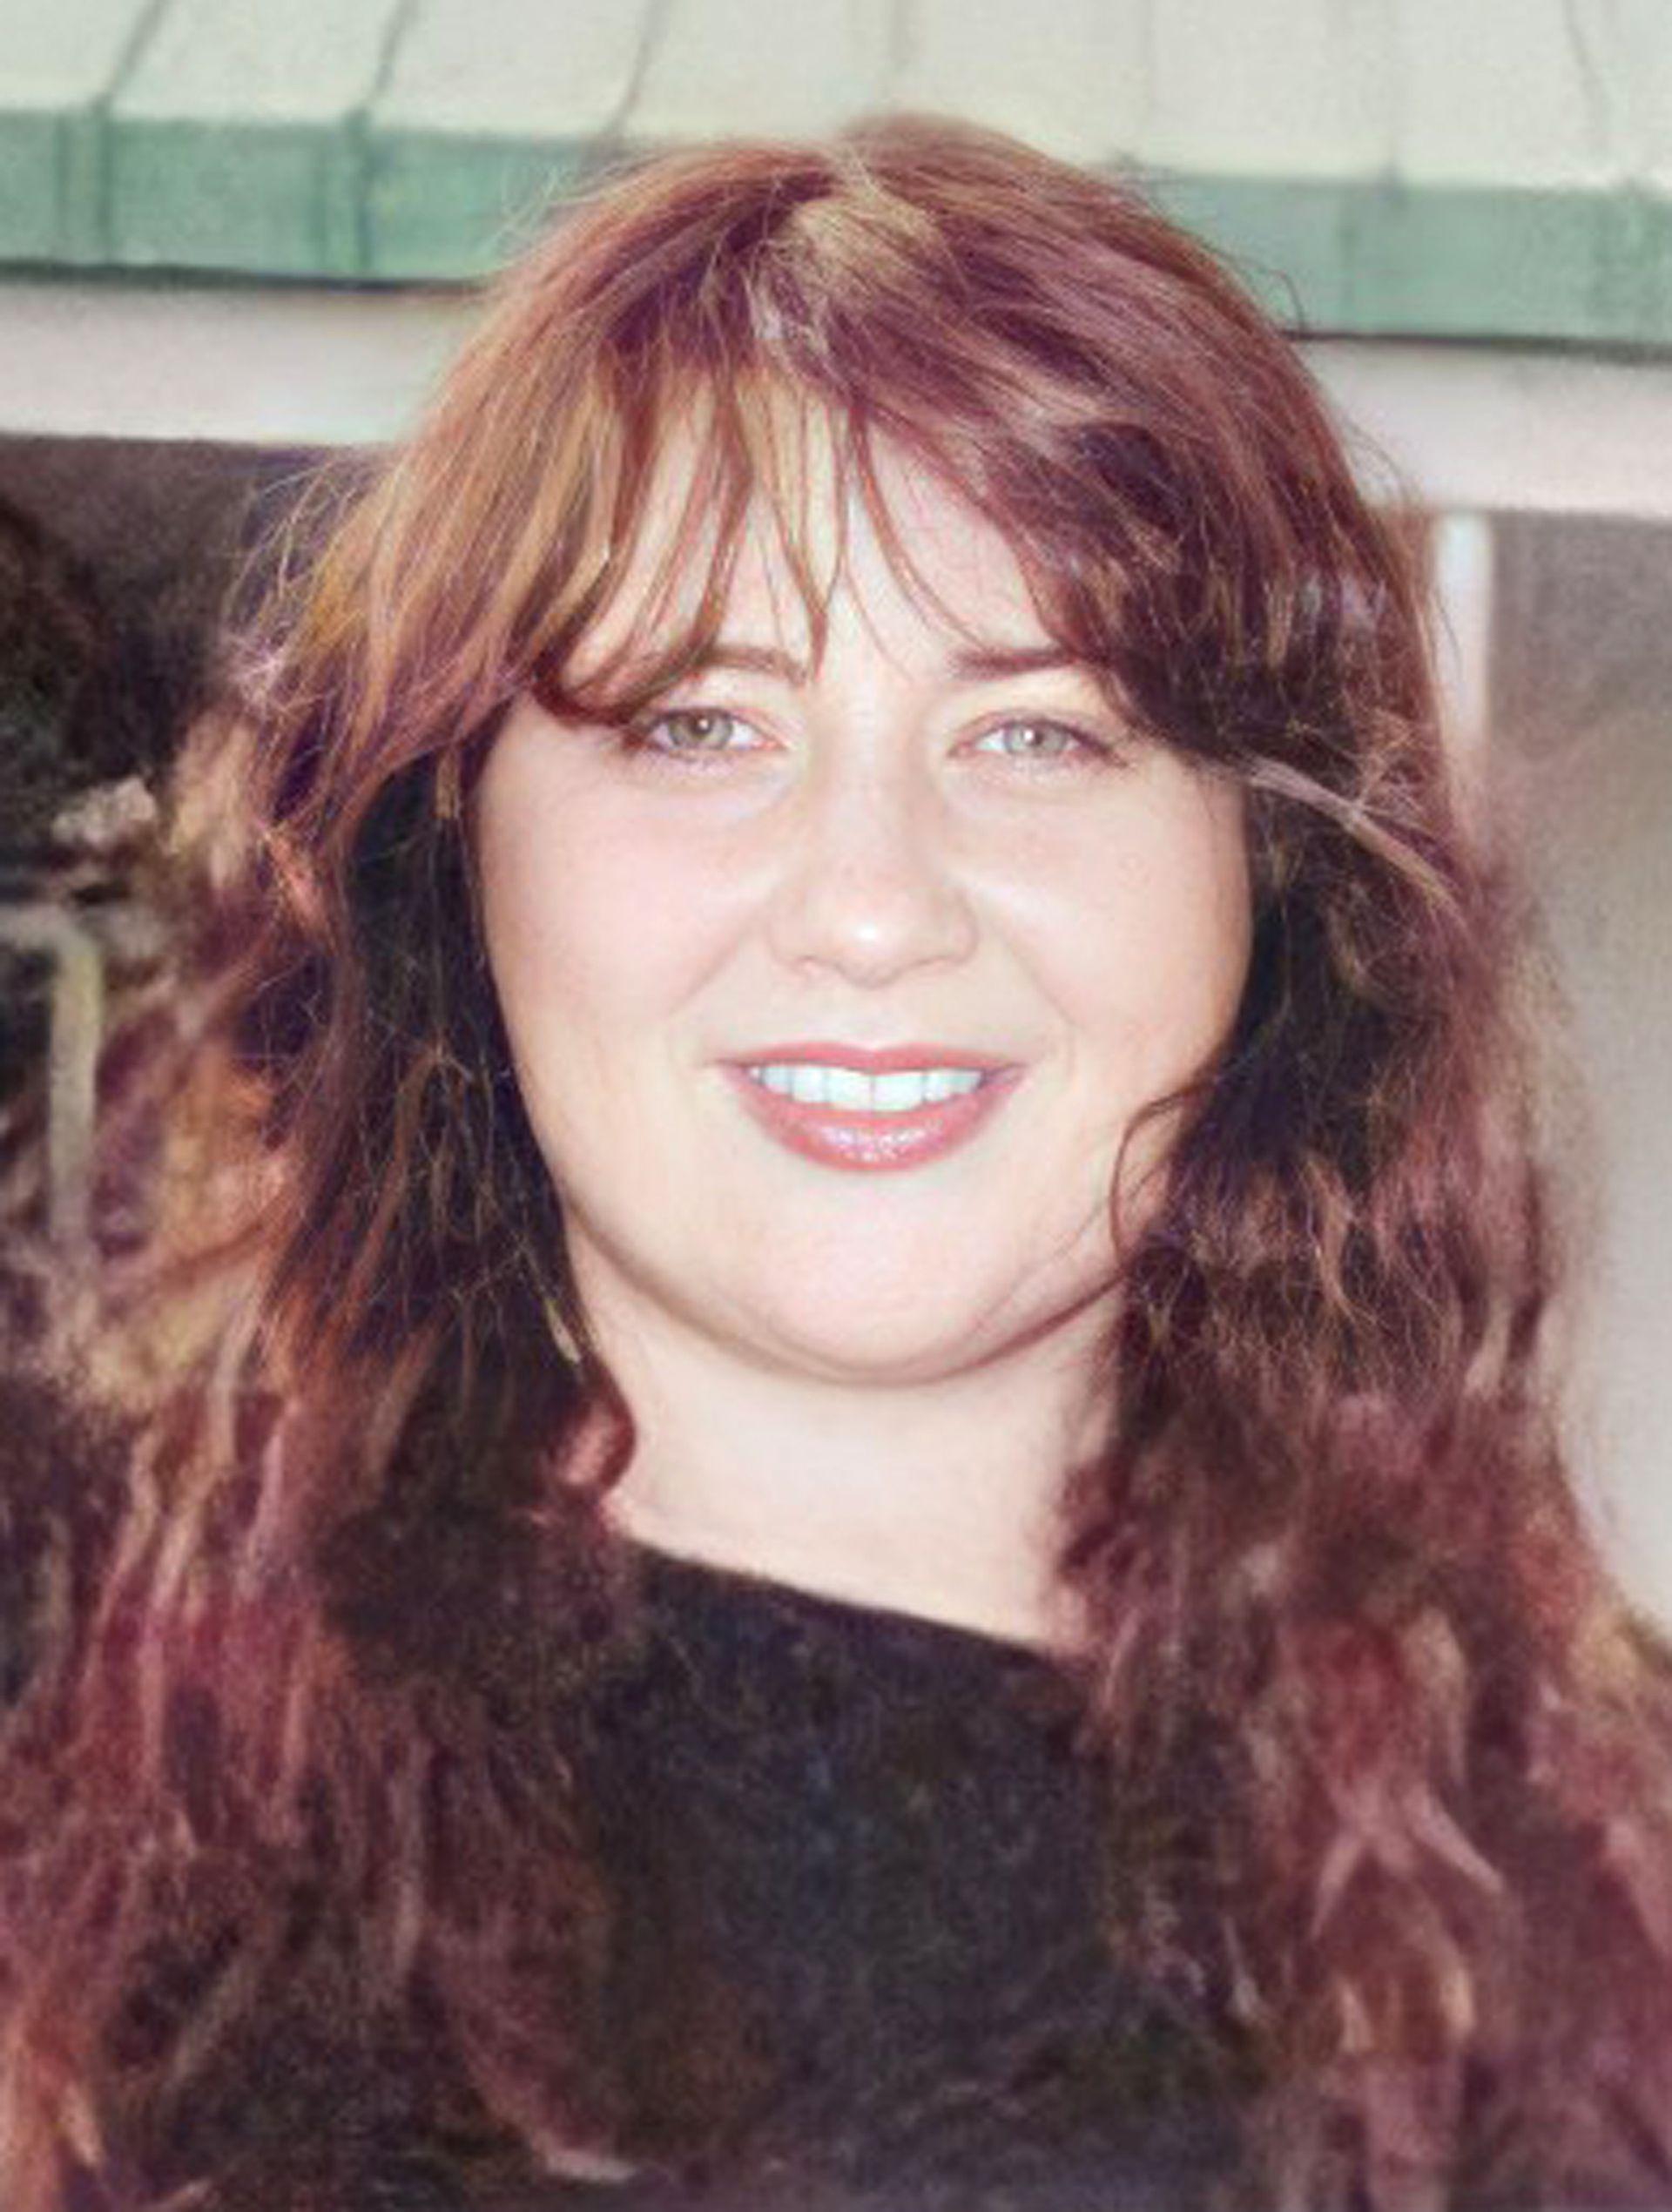 Gabriela Waisman tenía 33 años, y desde los seis vivía en Nueva York junto a su familia; había nacido en el barrio porteño de Caballito